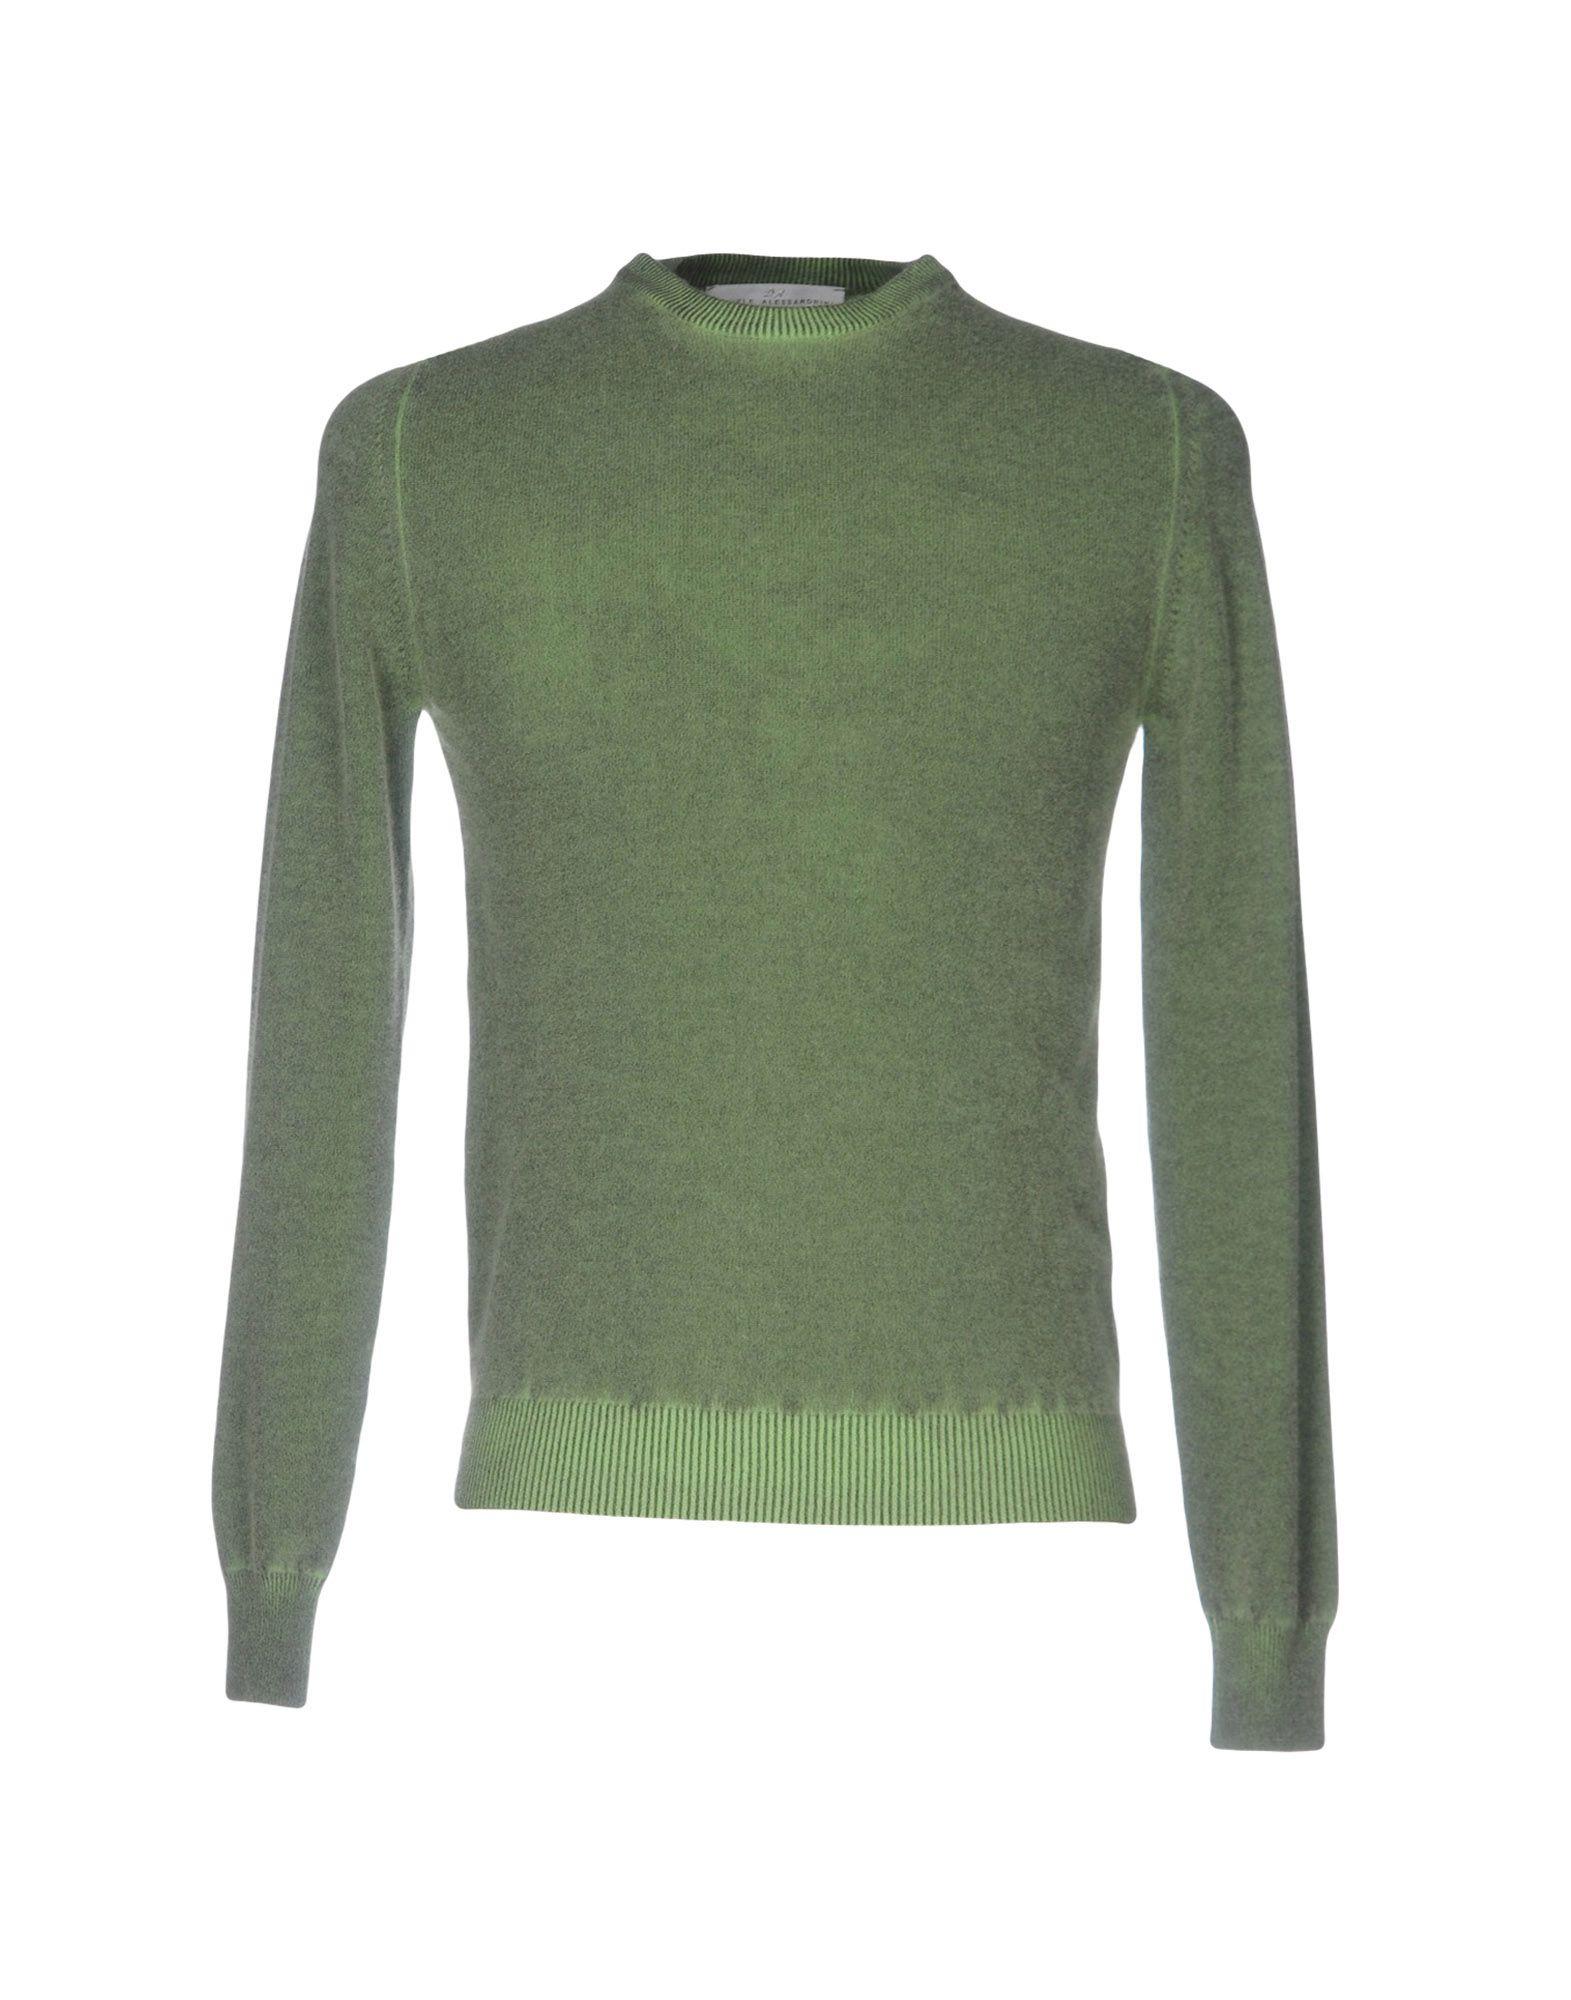 DANIELE ALESSANDRINI Herren Pullover Farbe Grün Größe 5